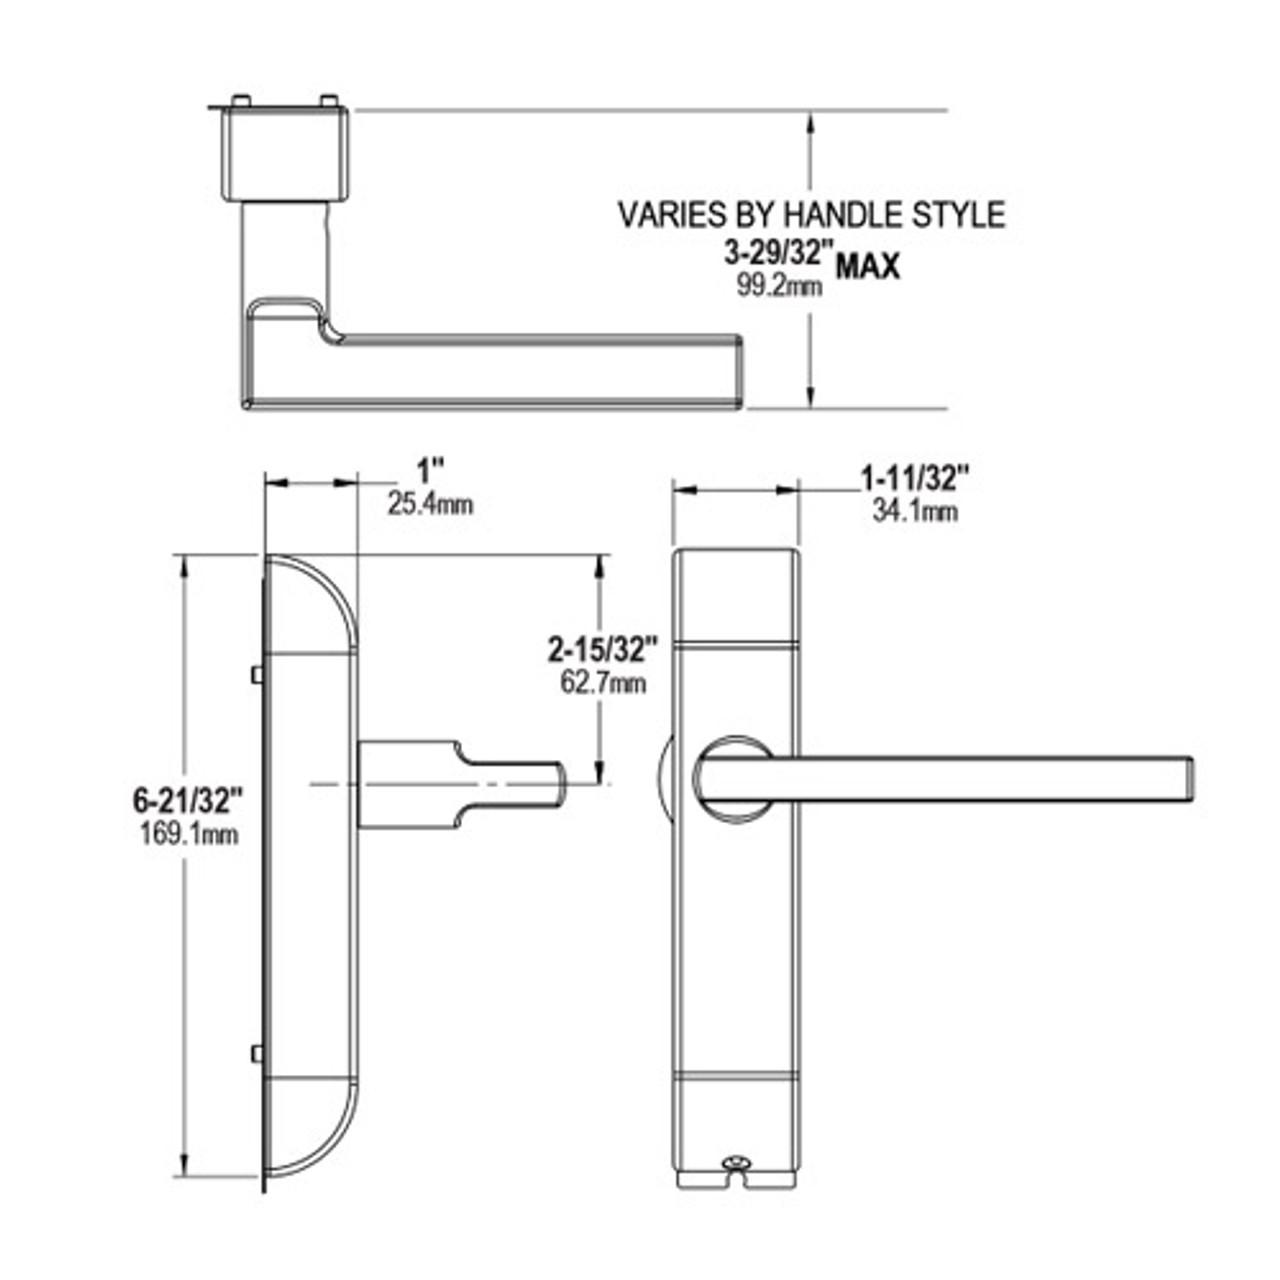 4600M-ME-641-US10B Adams Rite ME Designer handle Dimensional View